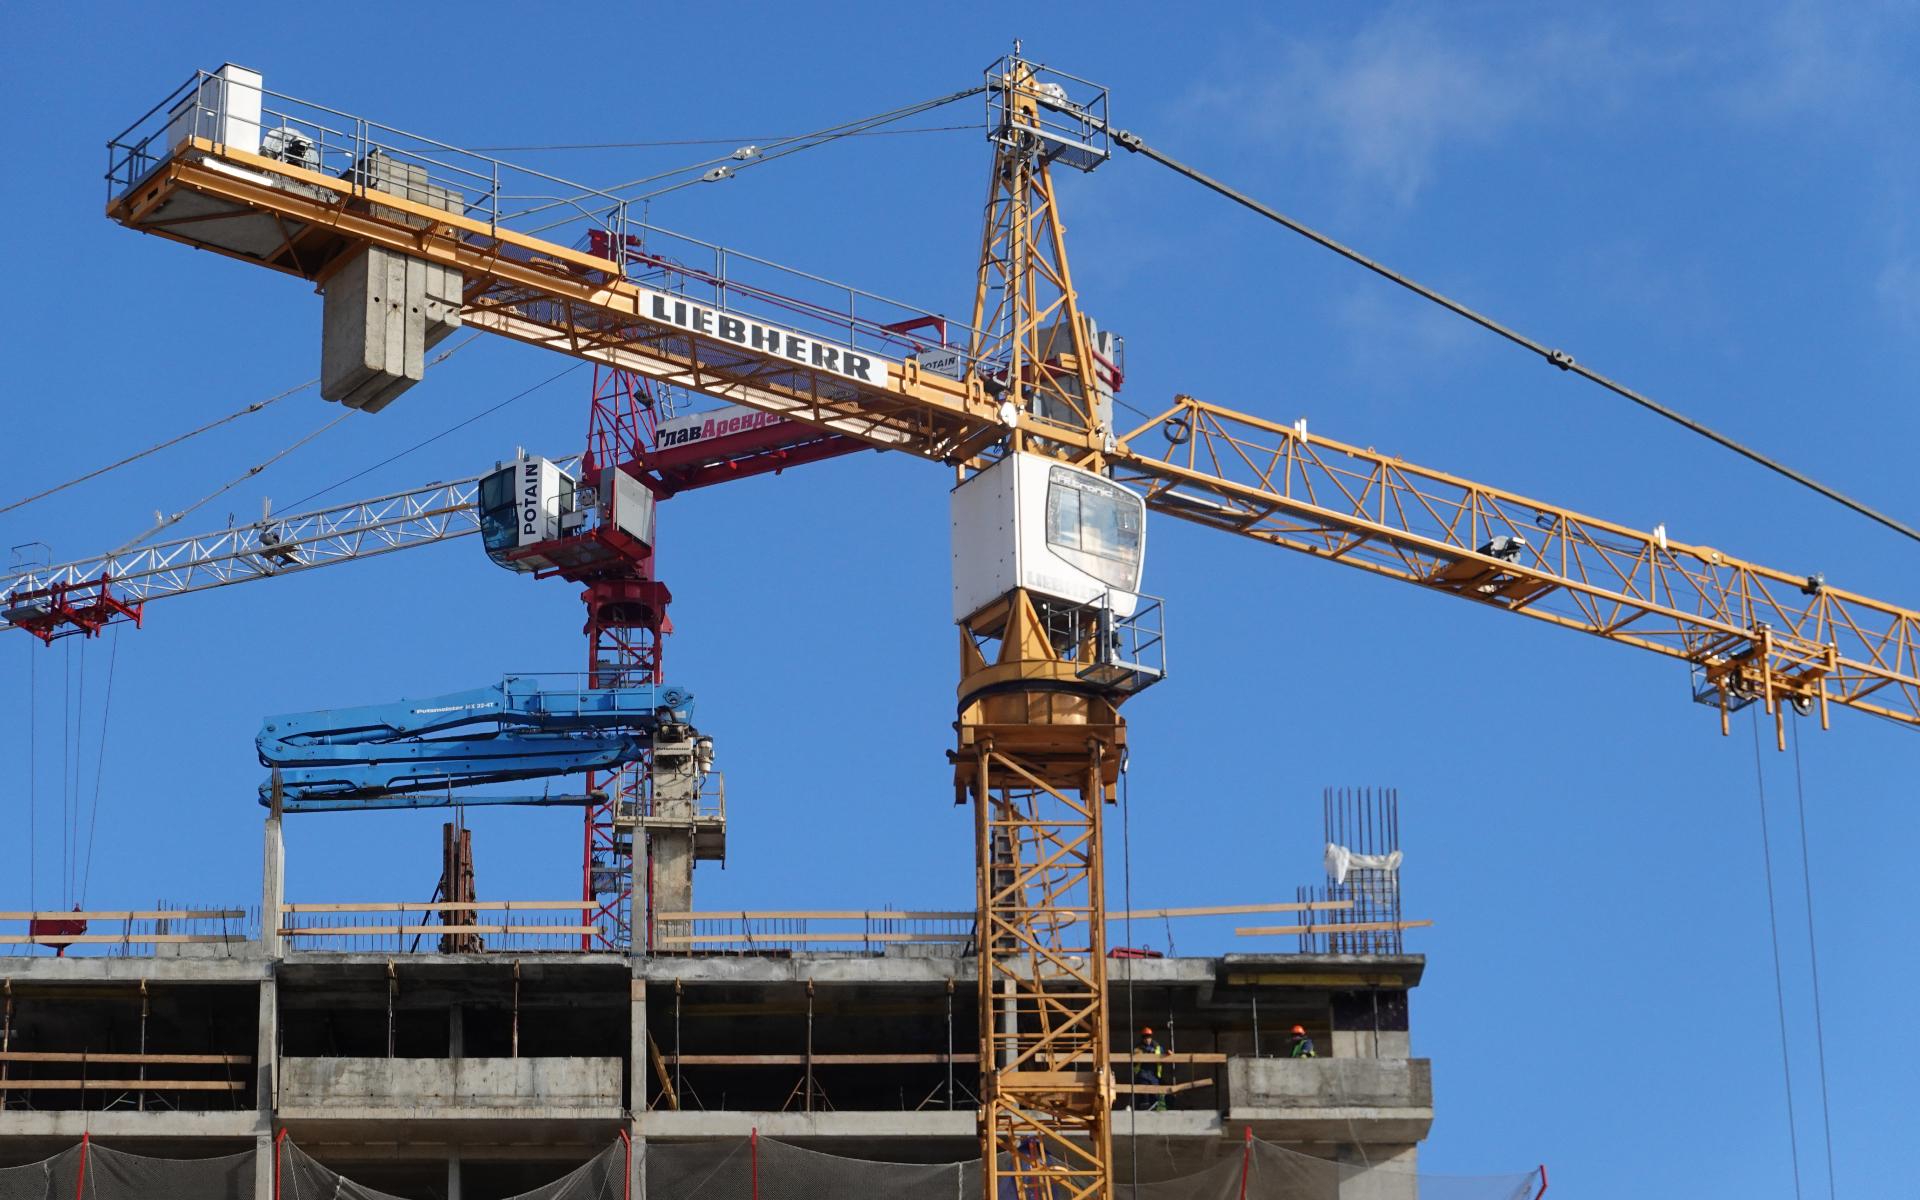 Программа «Индустриальные кварталы» предполагает комплексное развитие 2 тыс. гектаров неиспользуемых территорий